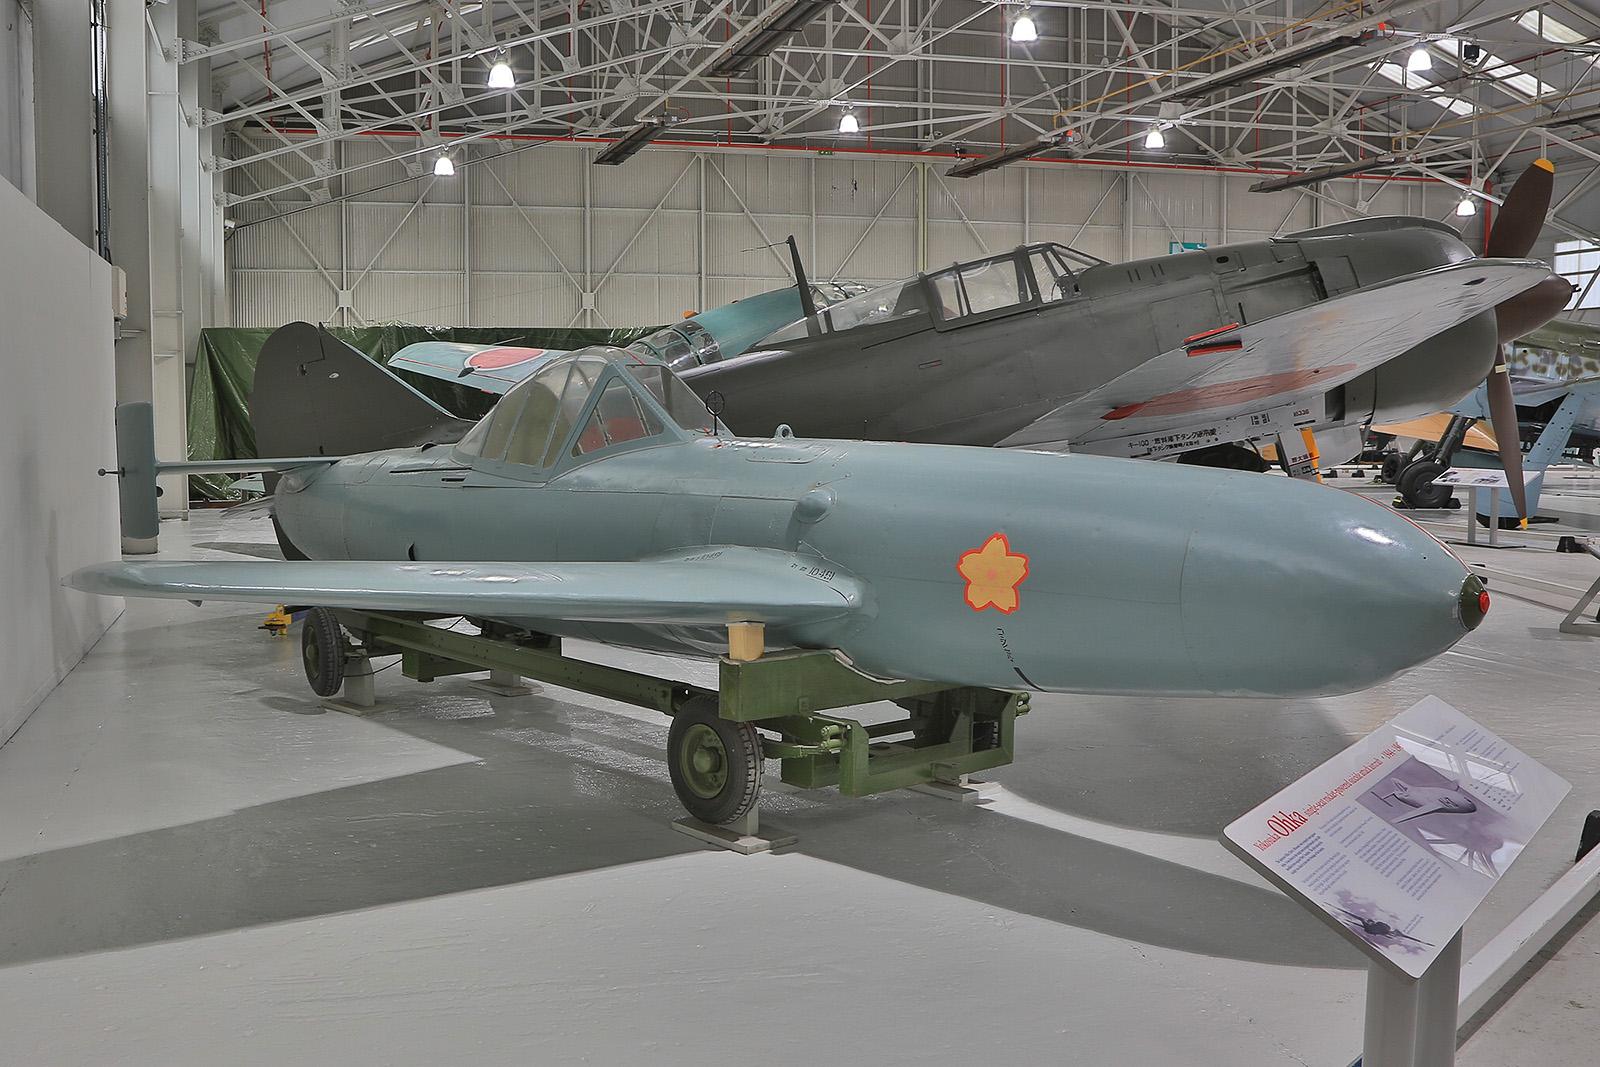 Die bemannte Bombe Yokosuka Ohka der kaiserlichen japanischen Marine. Das Kamikazeflugzeug wurde Kanoya im Süden Kyushus entwickelt.